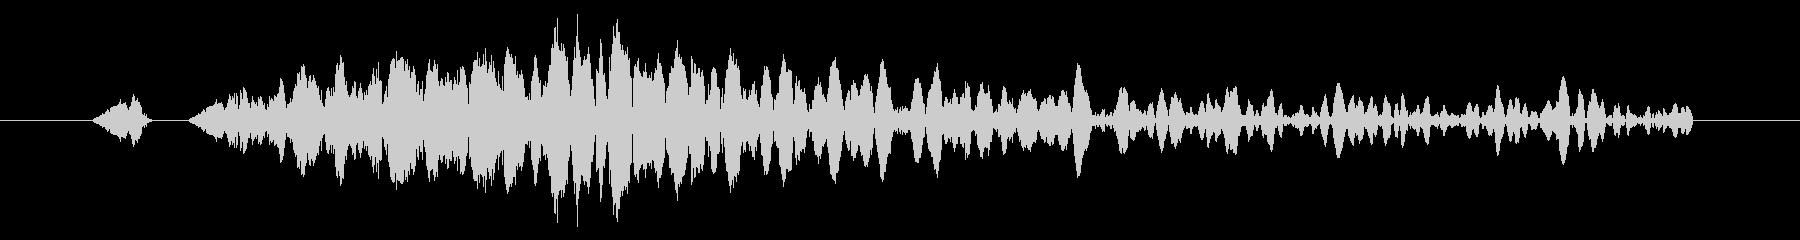 システム画面/閉じる/キャンセル効果音4の未再生の波形